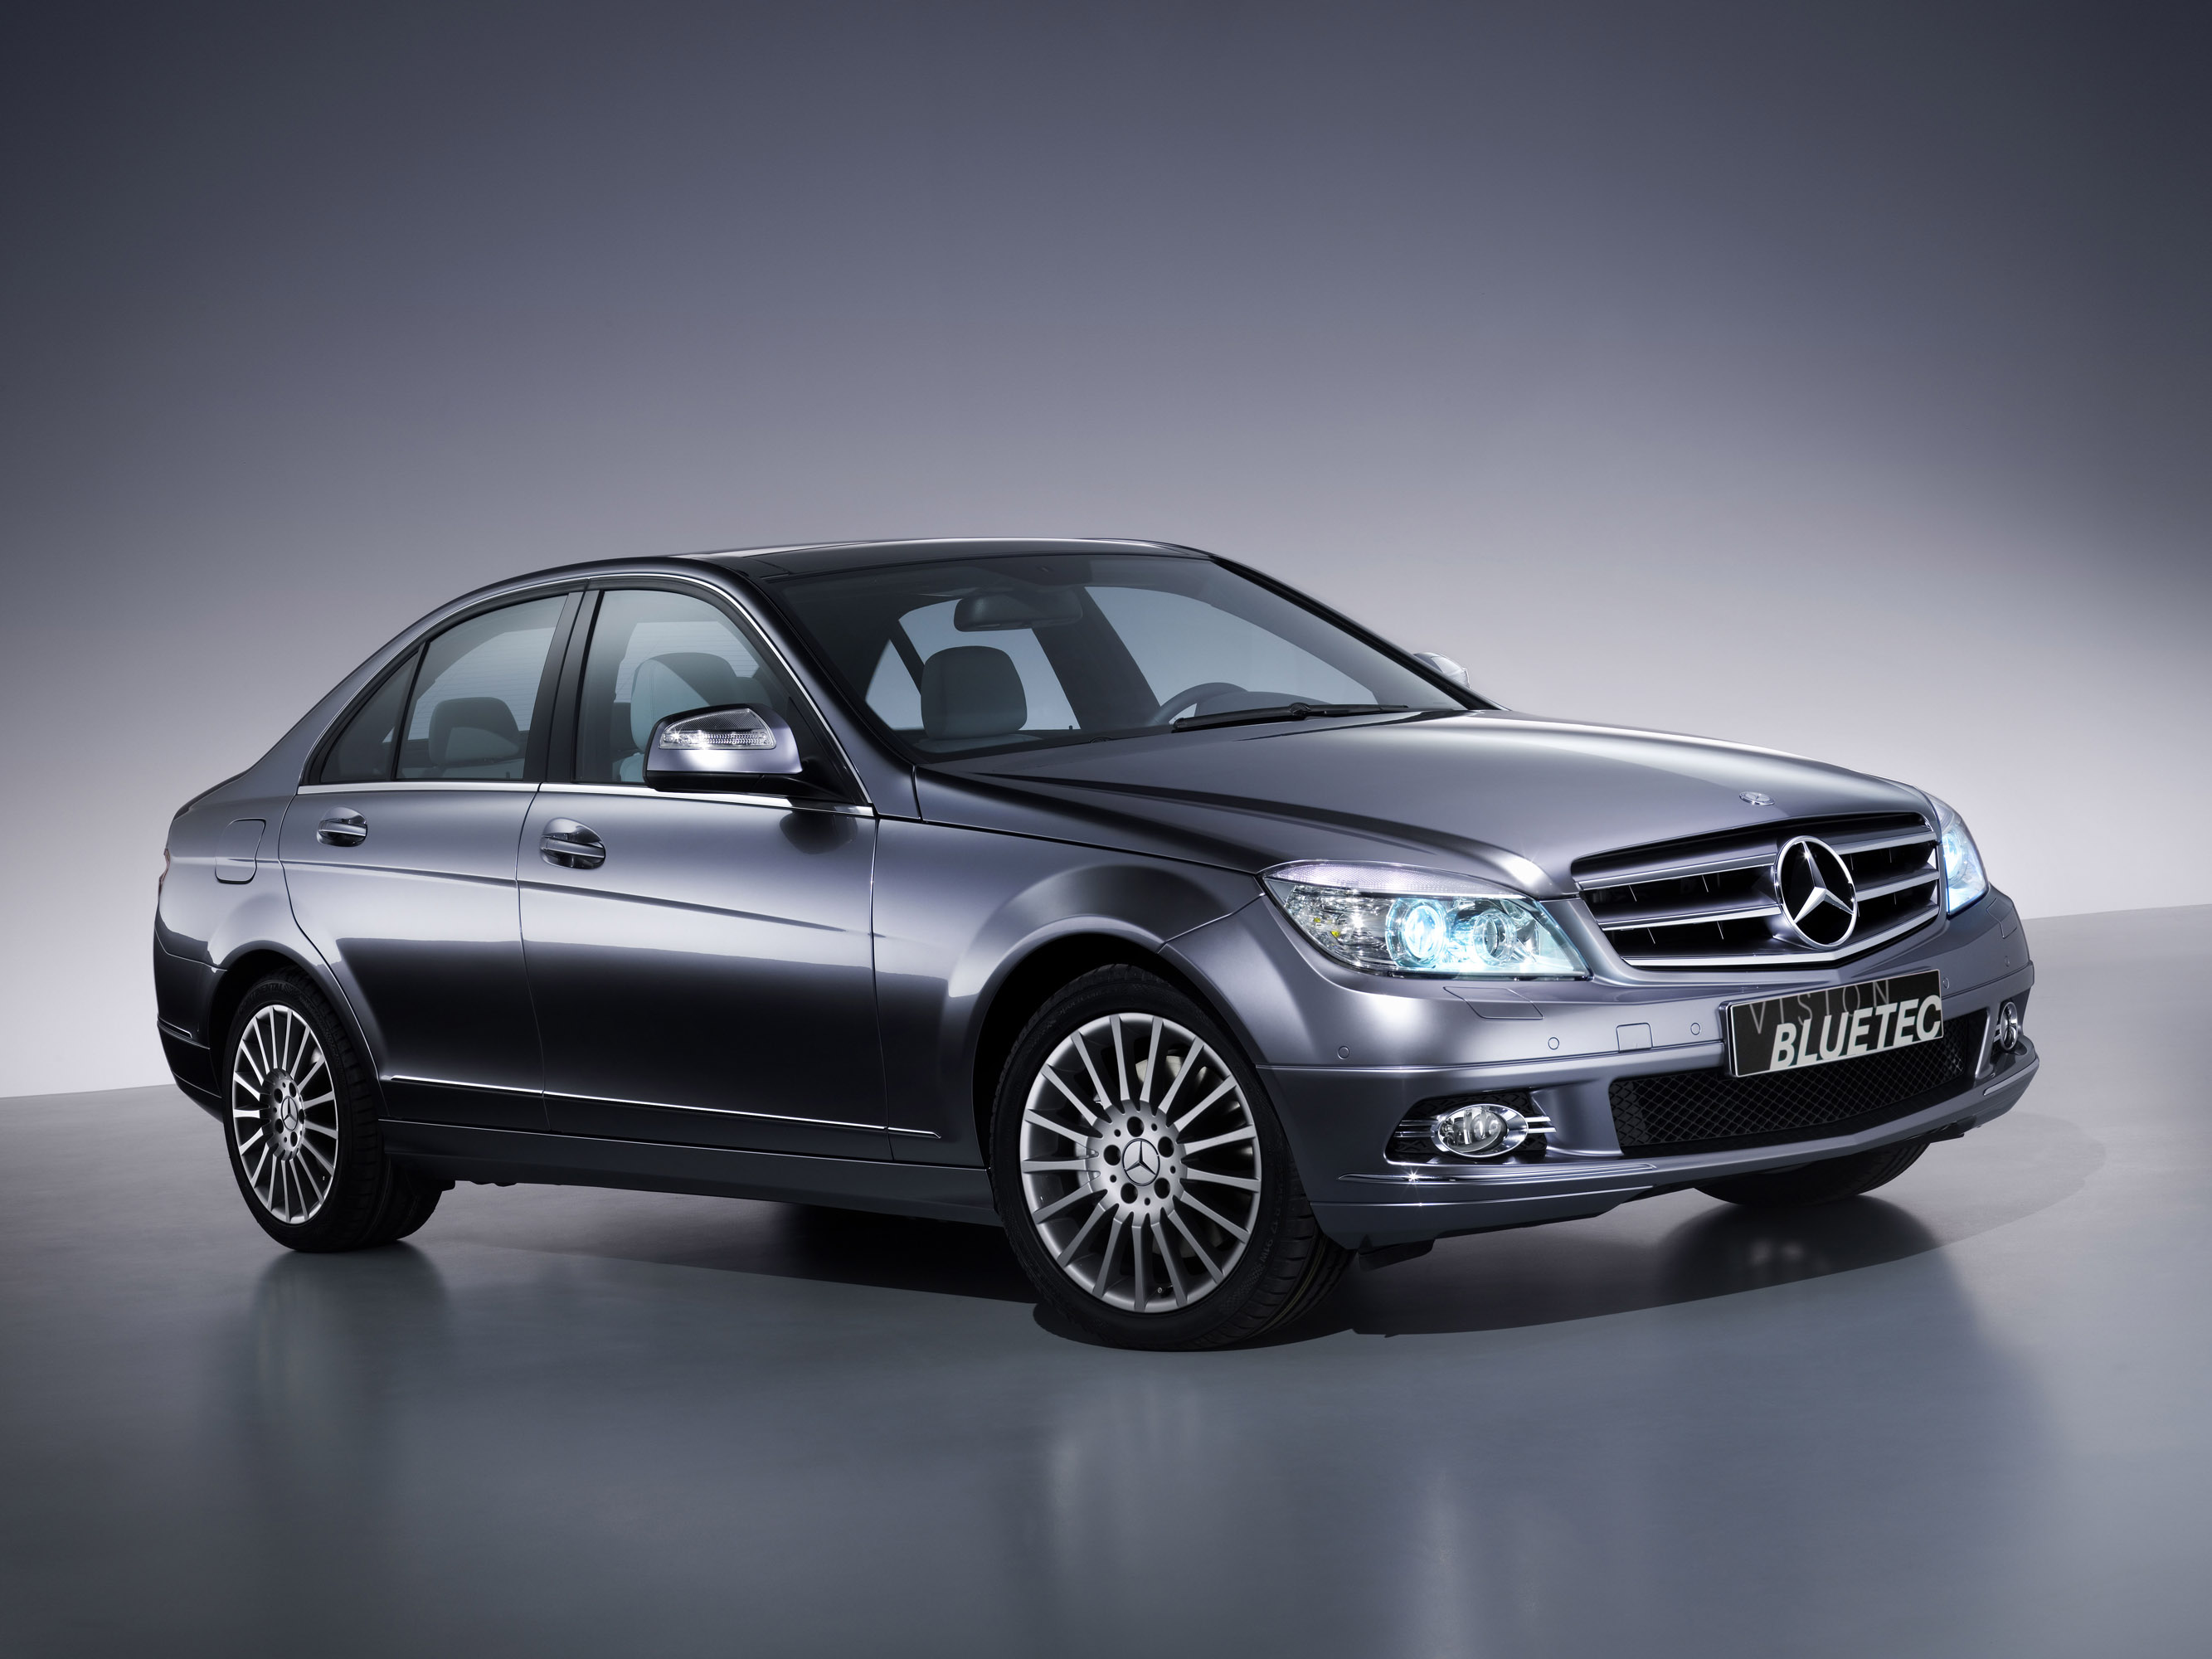 Mercedes-Benz Vision C 220 Bluetec Concept photo #1